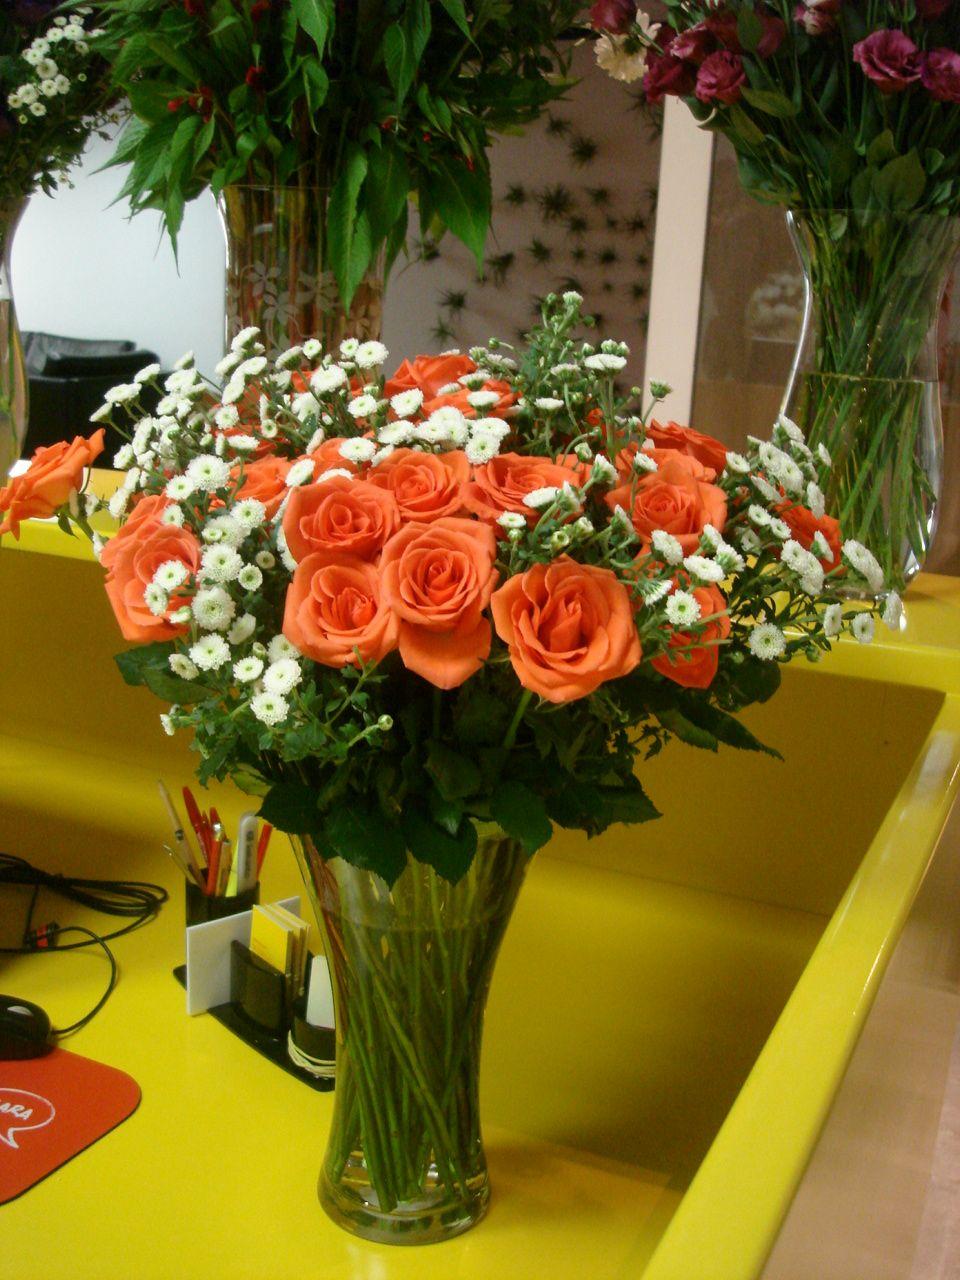 158 Vaso Com Gracioso Arranjo Com Rosas Cor Laranja E Mini